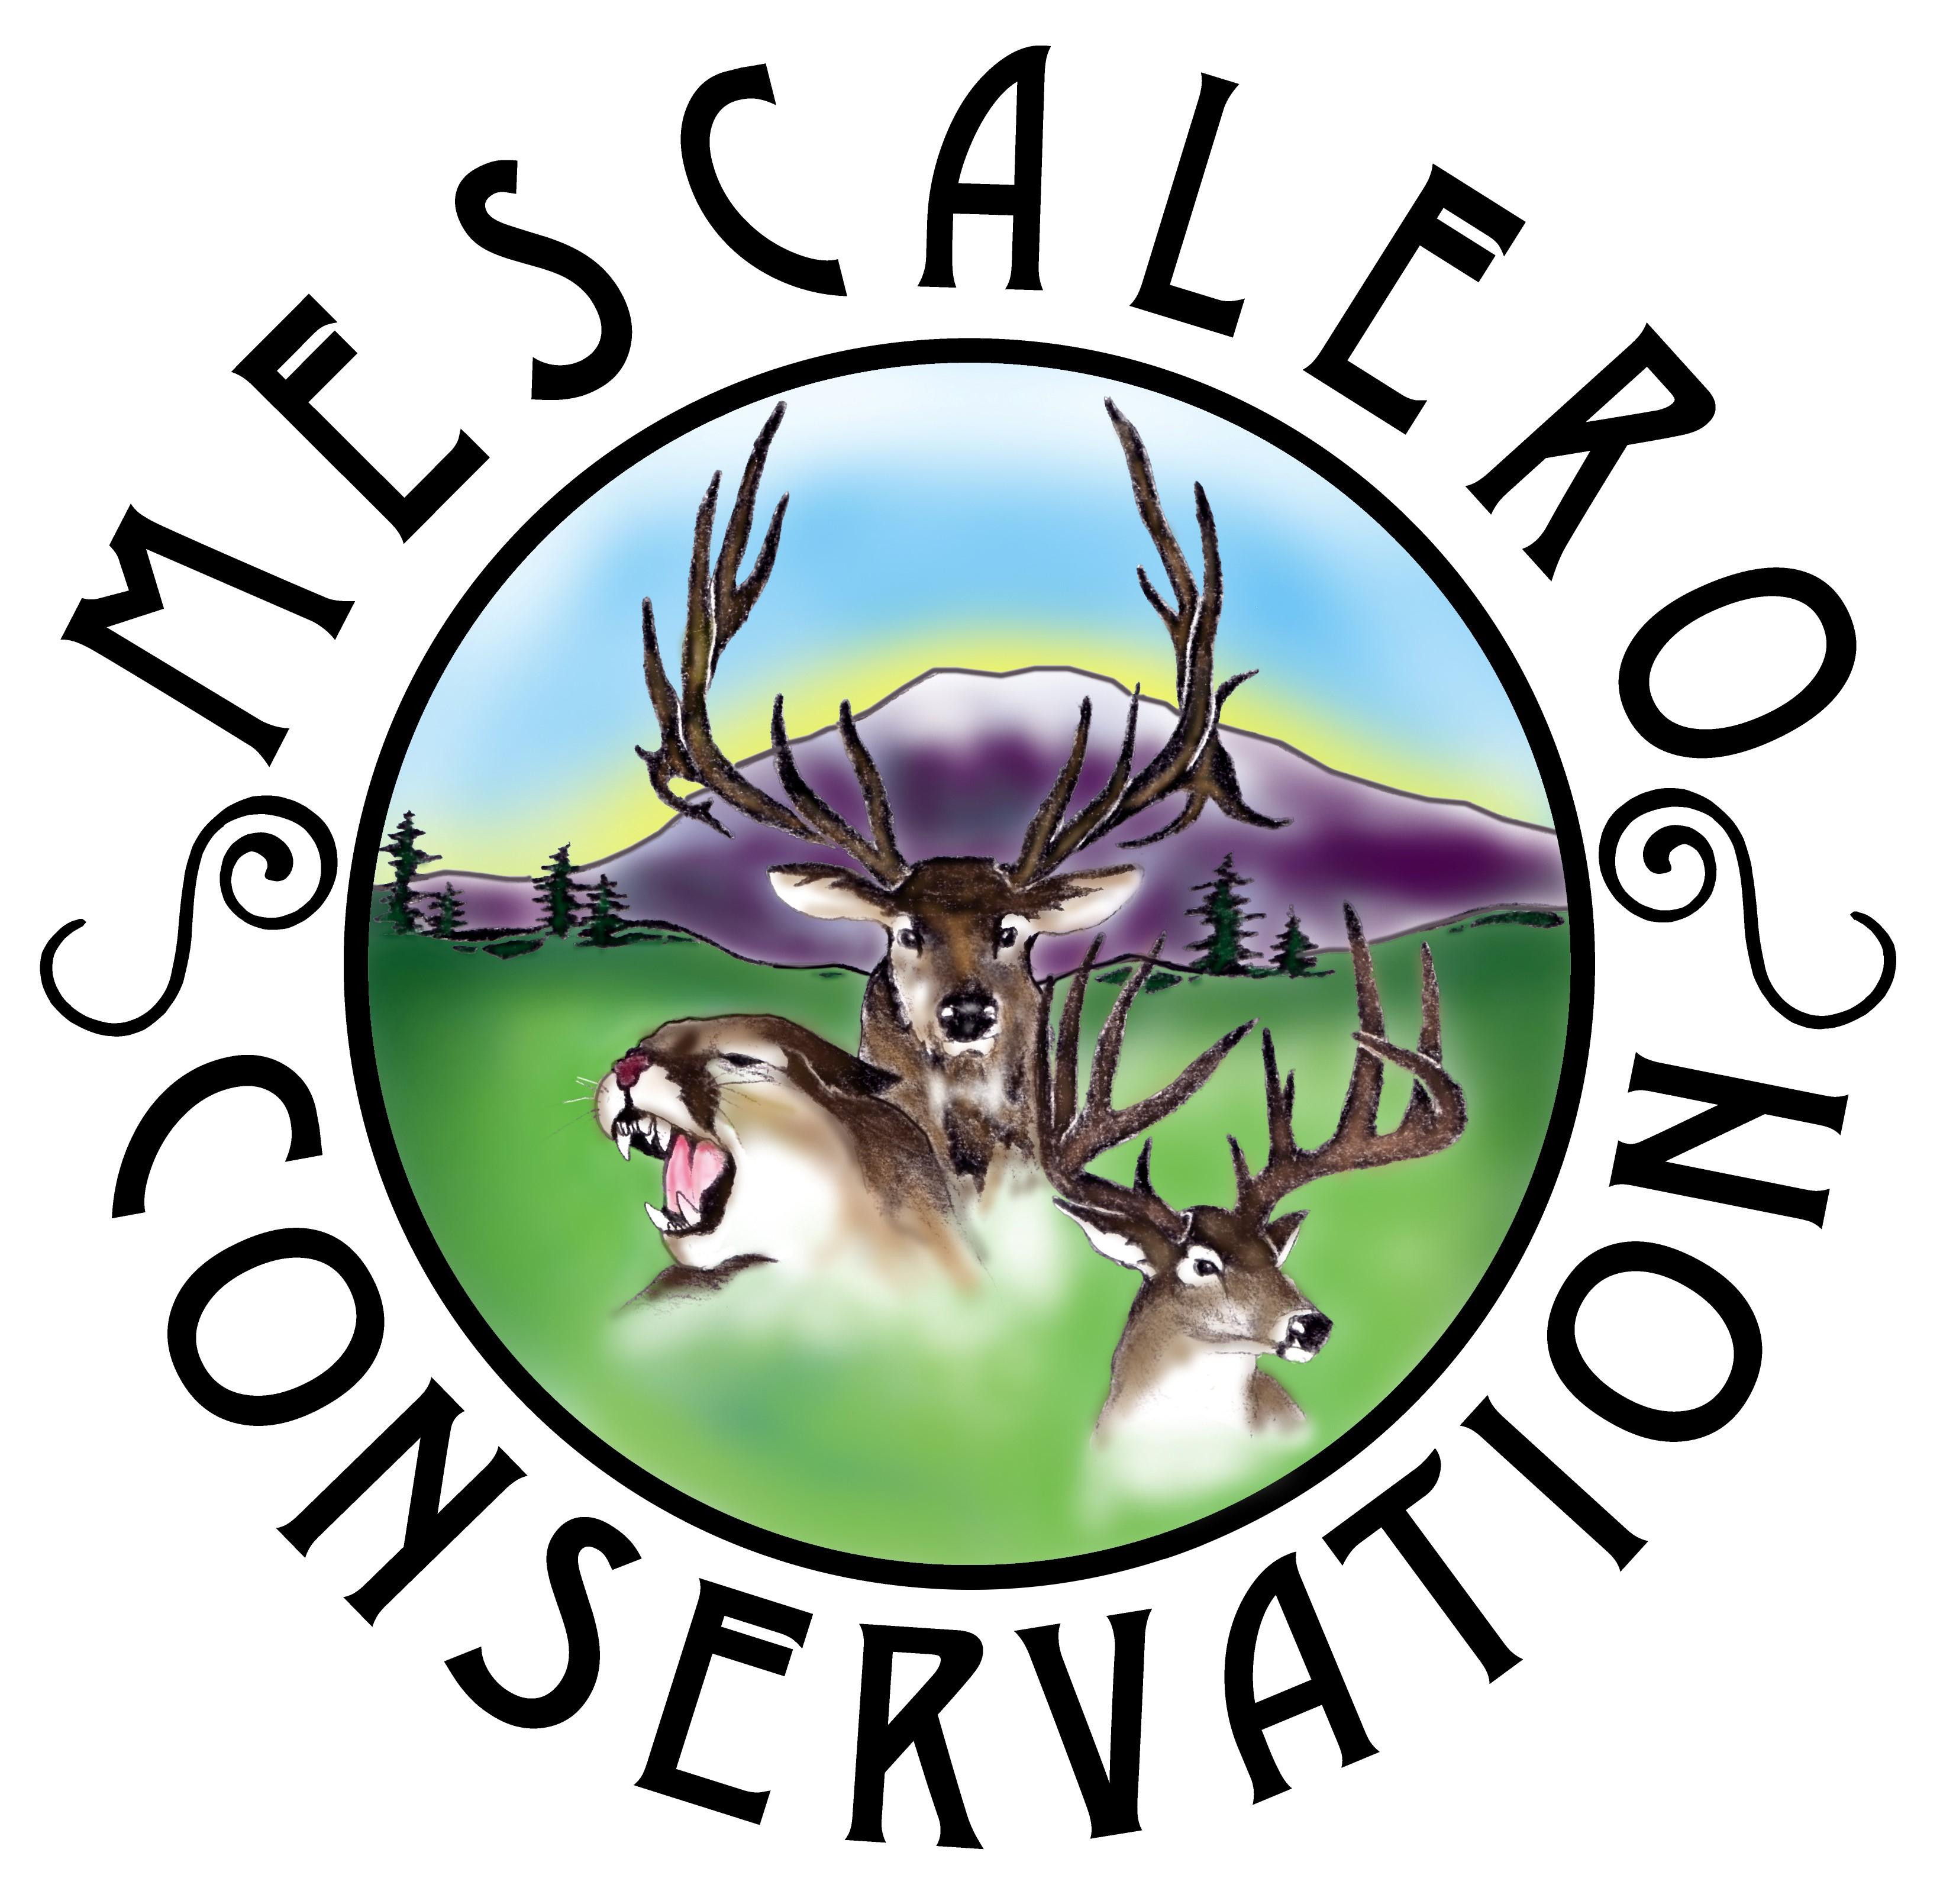 Mescalero Conservation Law Enforcement Department